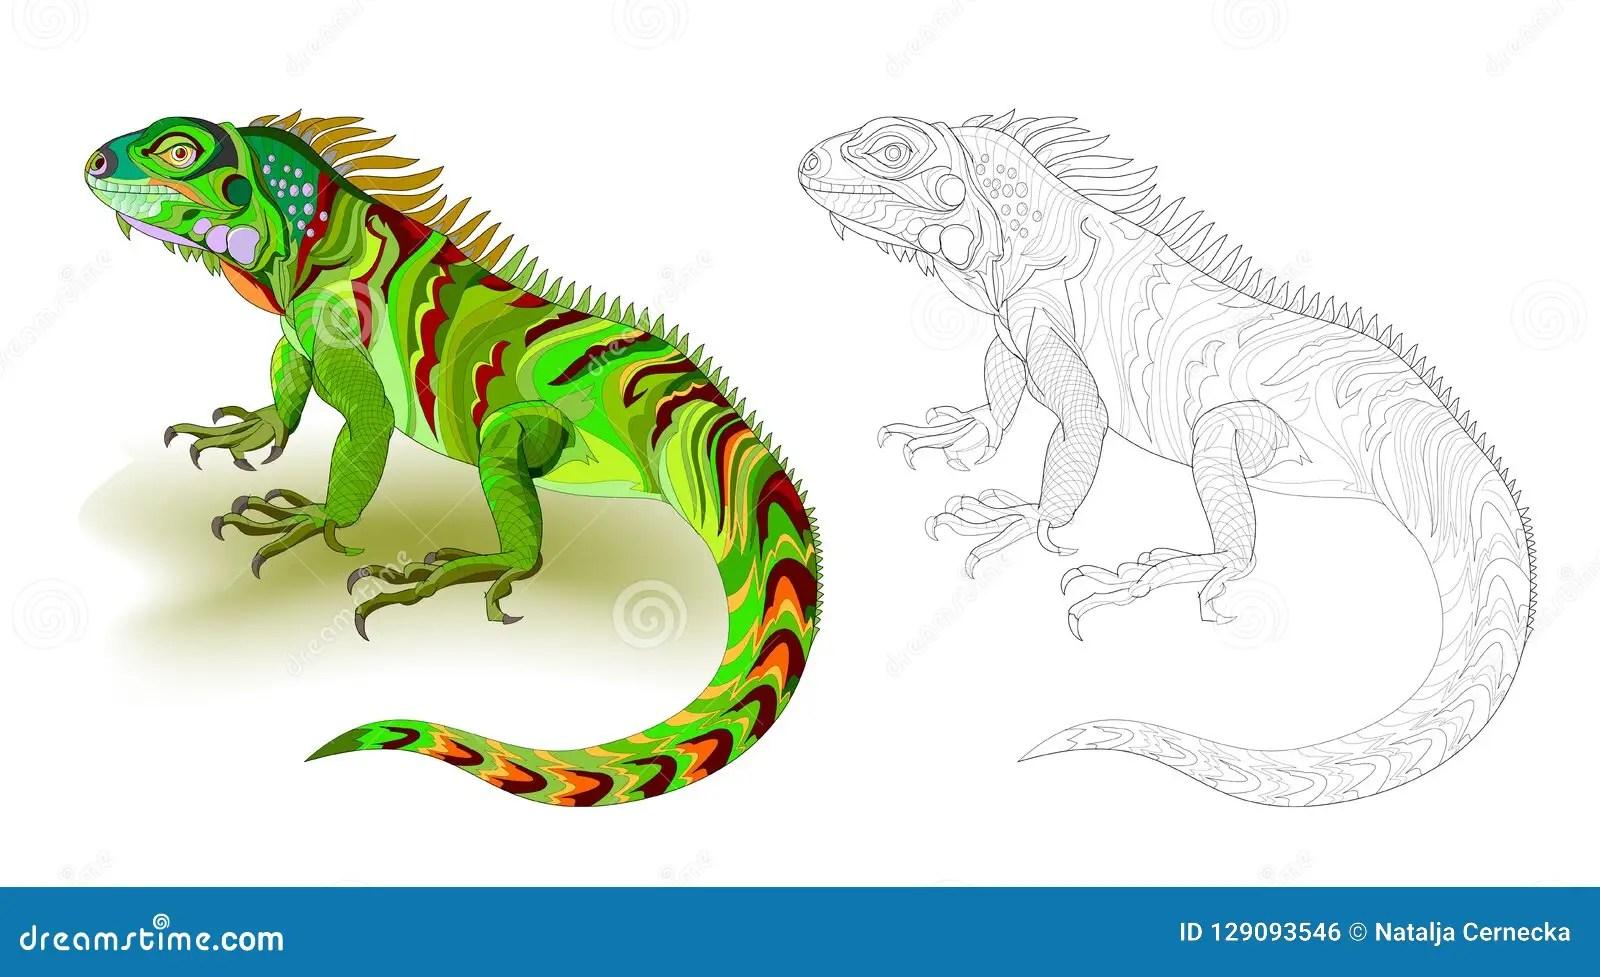 Illustrazione Di Fantasia Dell Iguana Sveglia Della